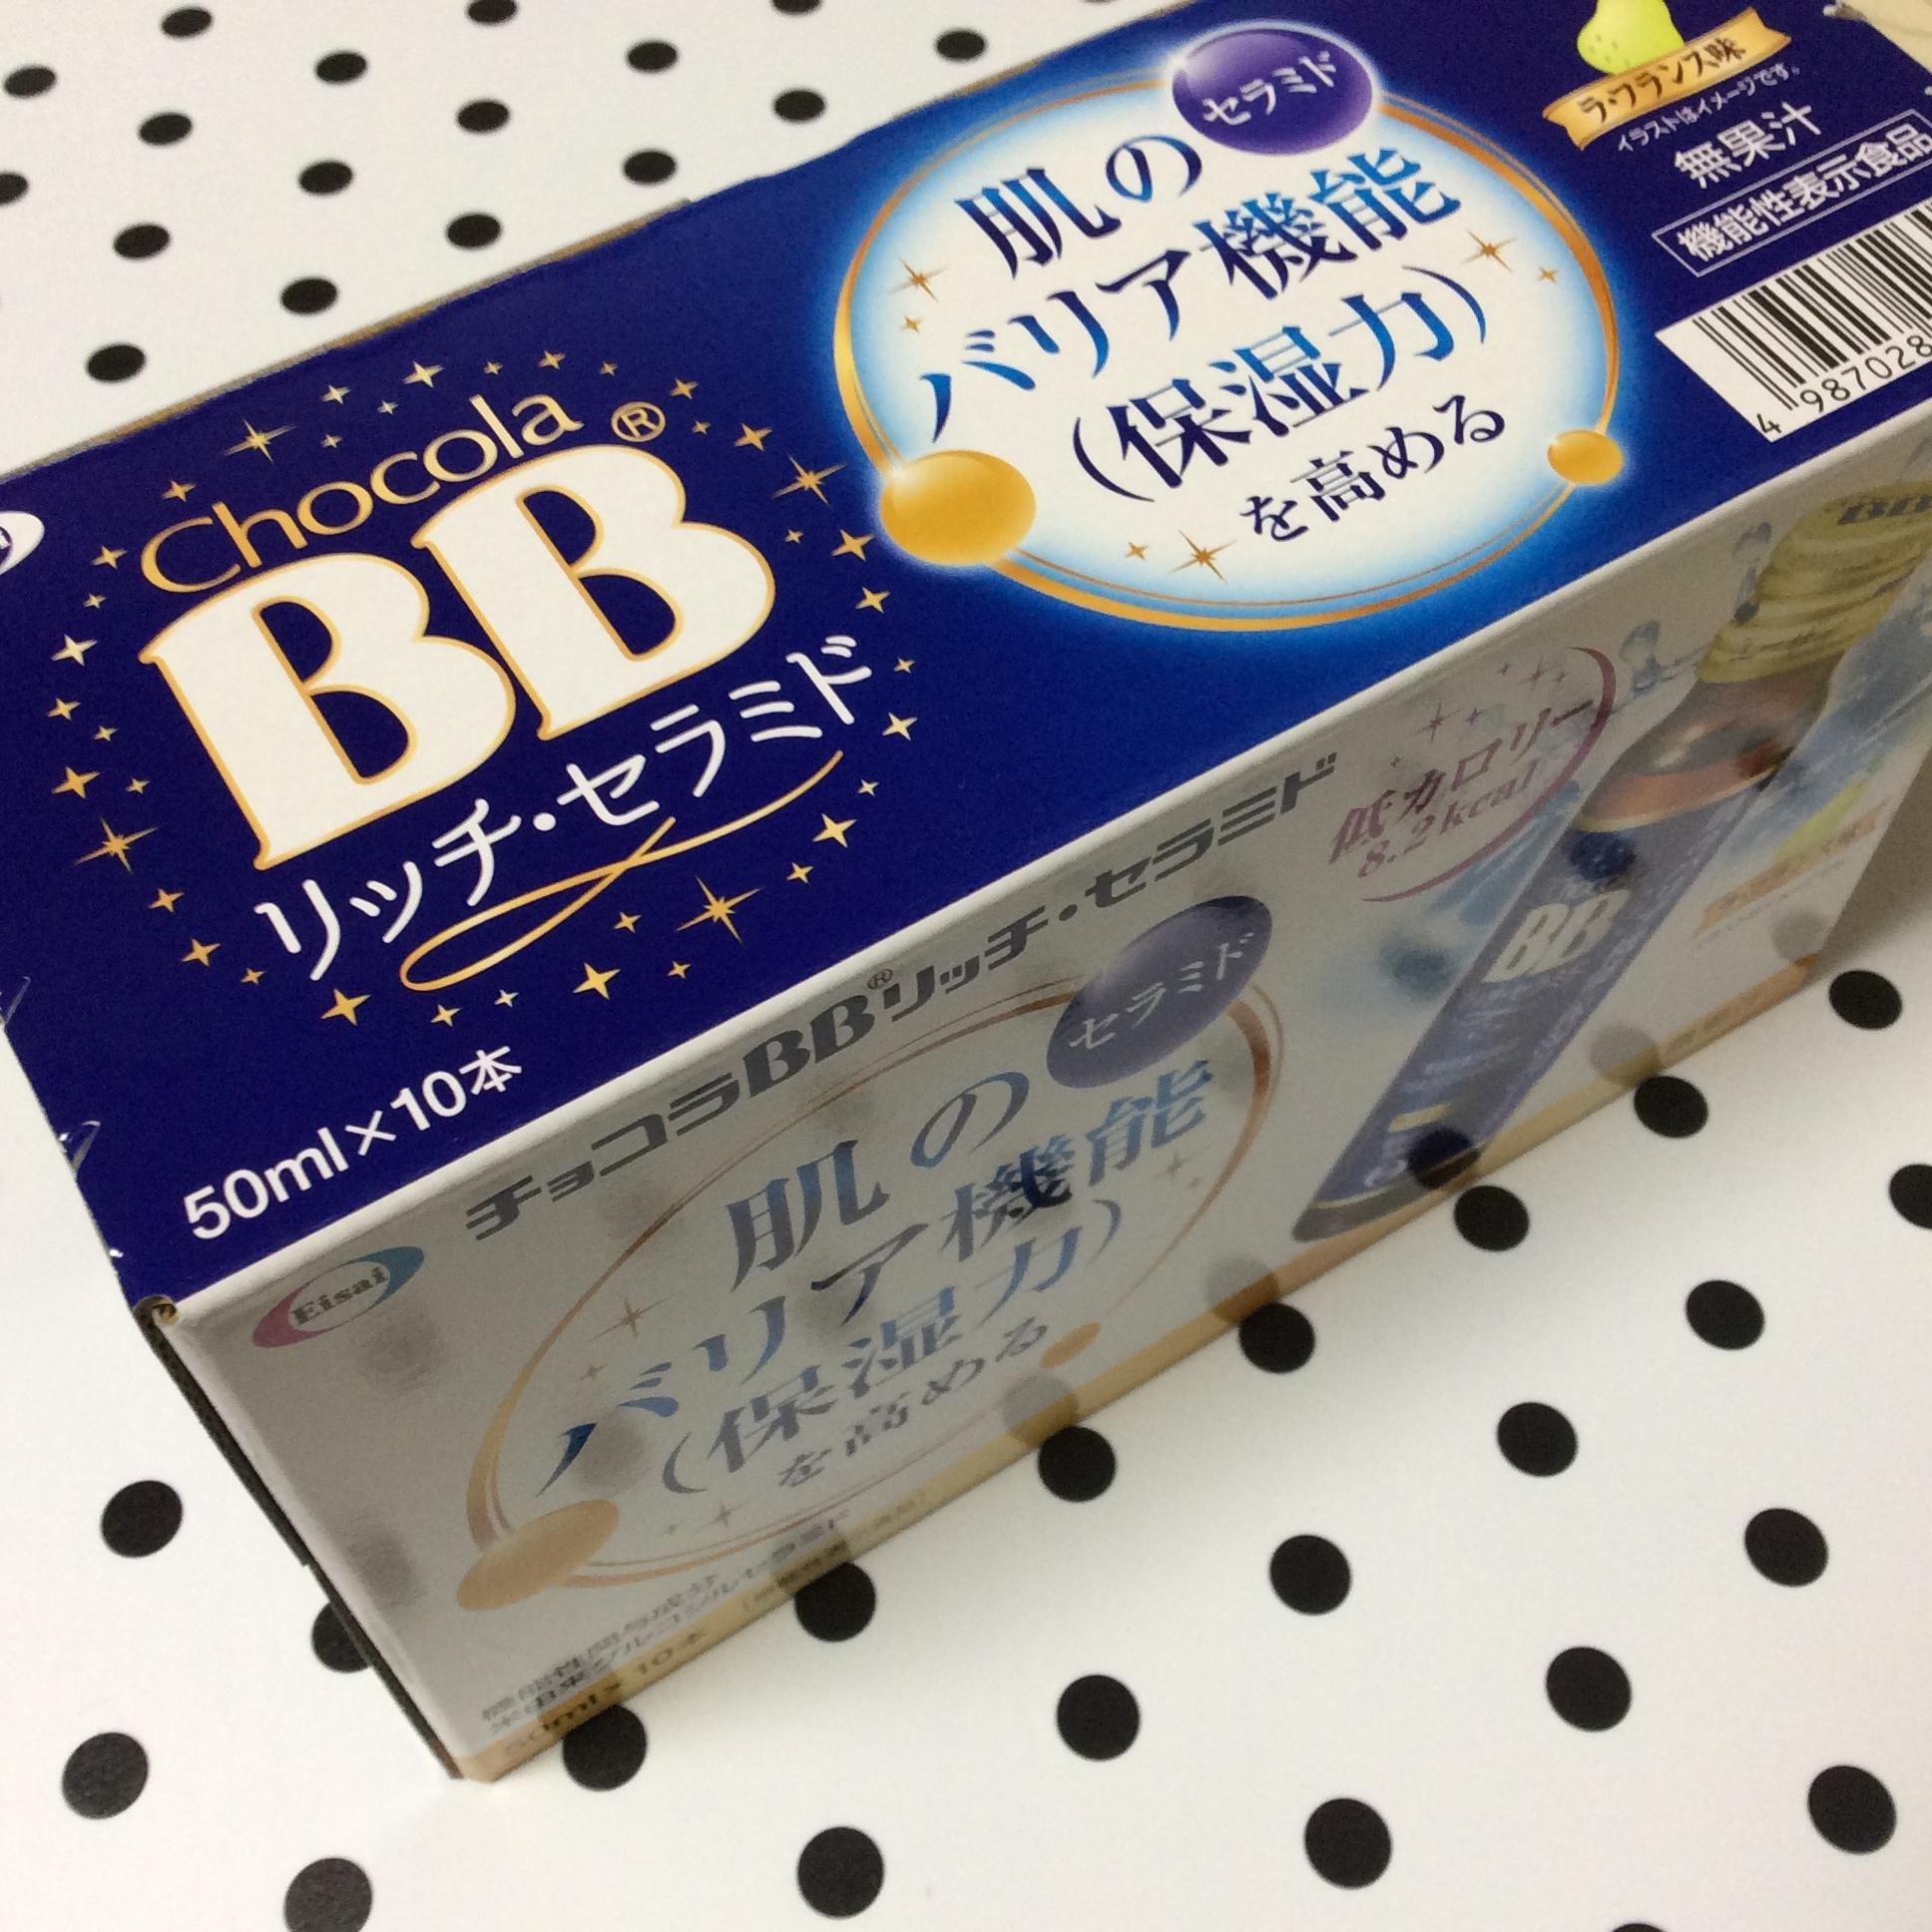 チョコラBB リッチ・セラミド(10本セット) (1)